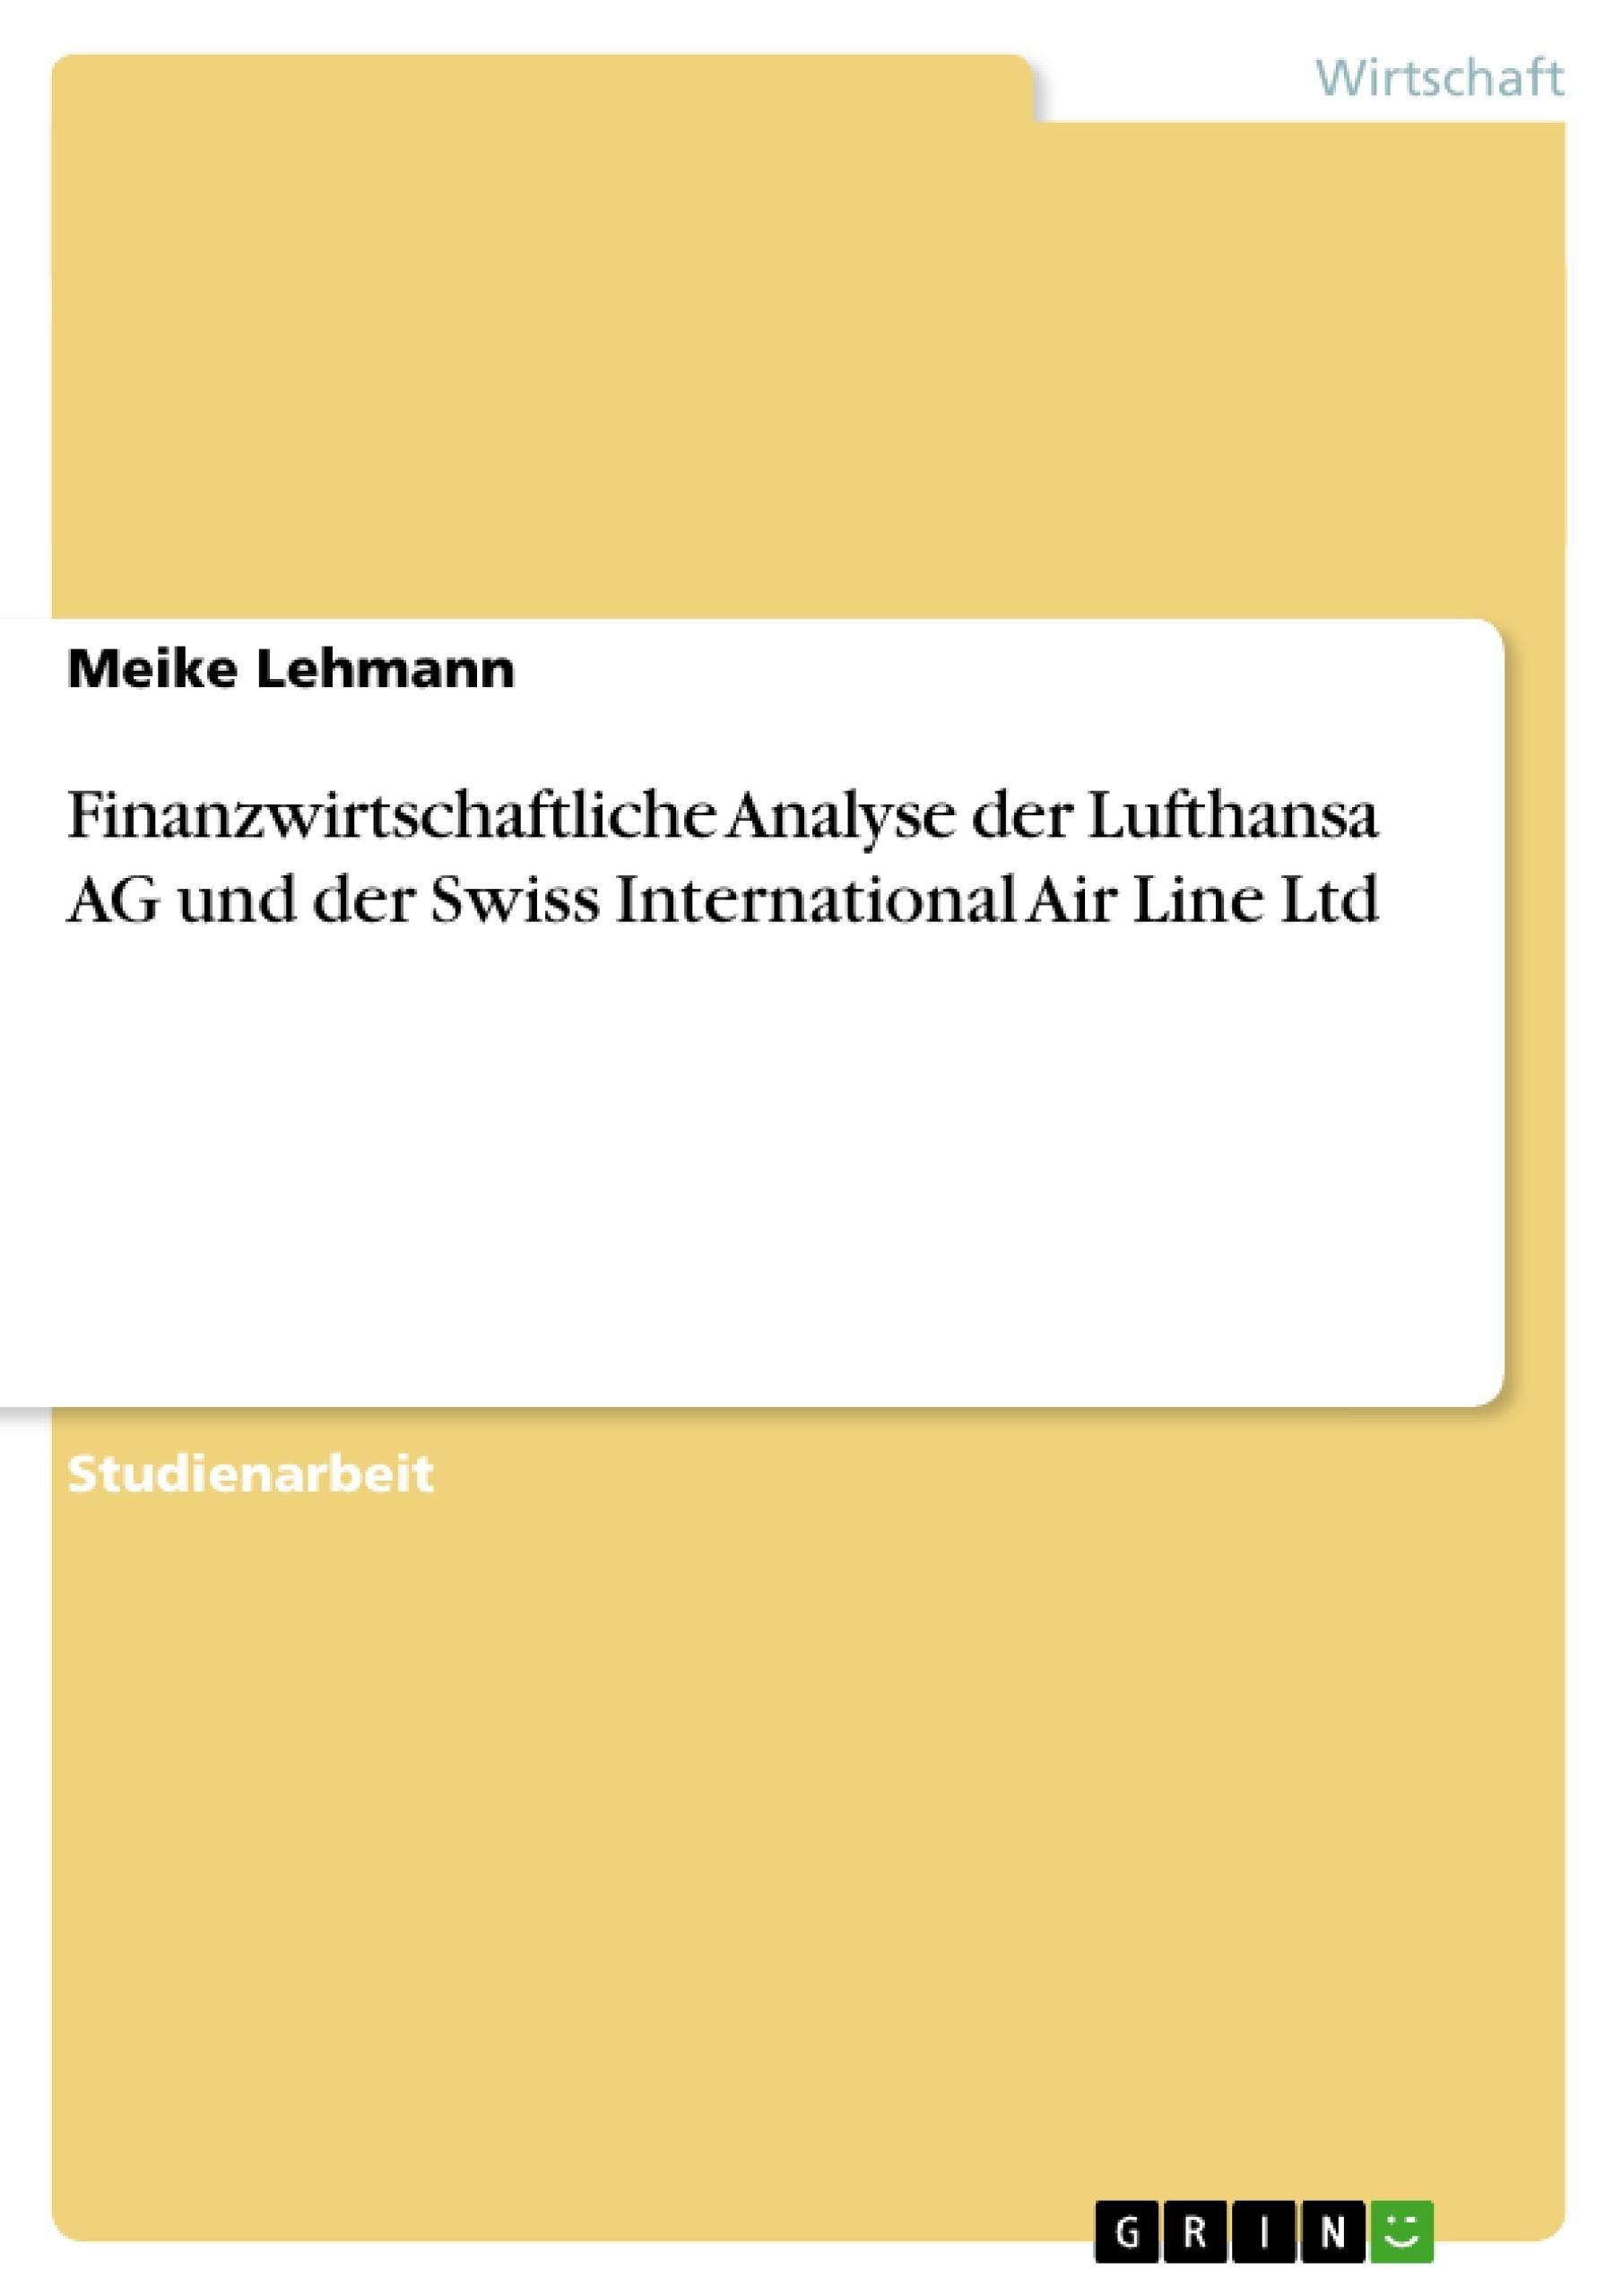 Titel: Finanzwirtschaftliche Analyse der Lufthansa AG und der Swiss International Air Line Ltd